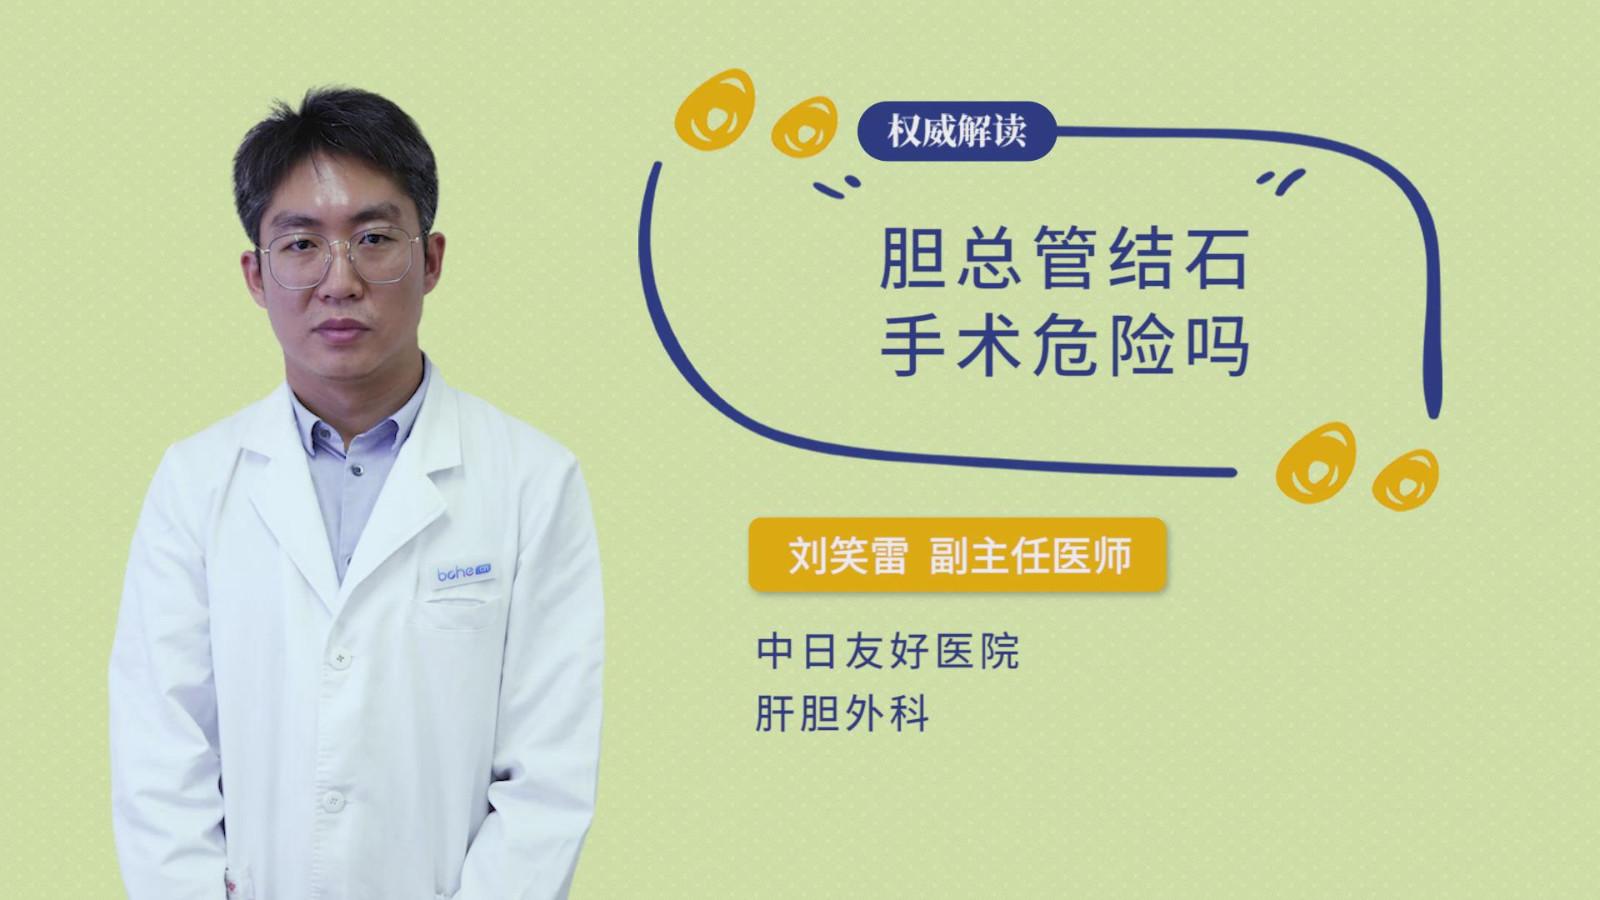 胆总管结石手术危险吗